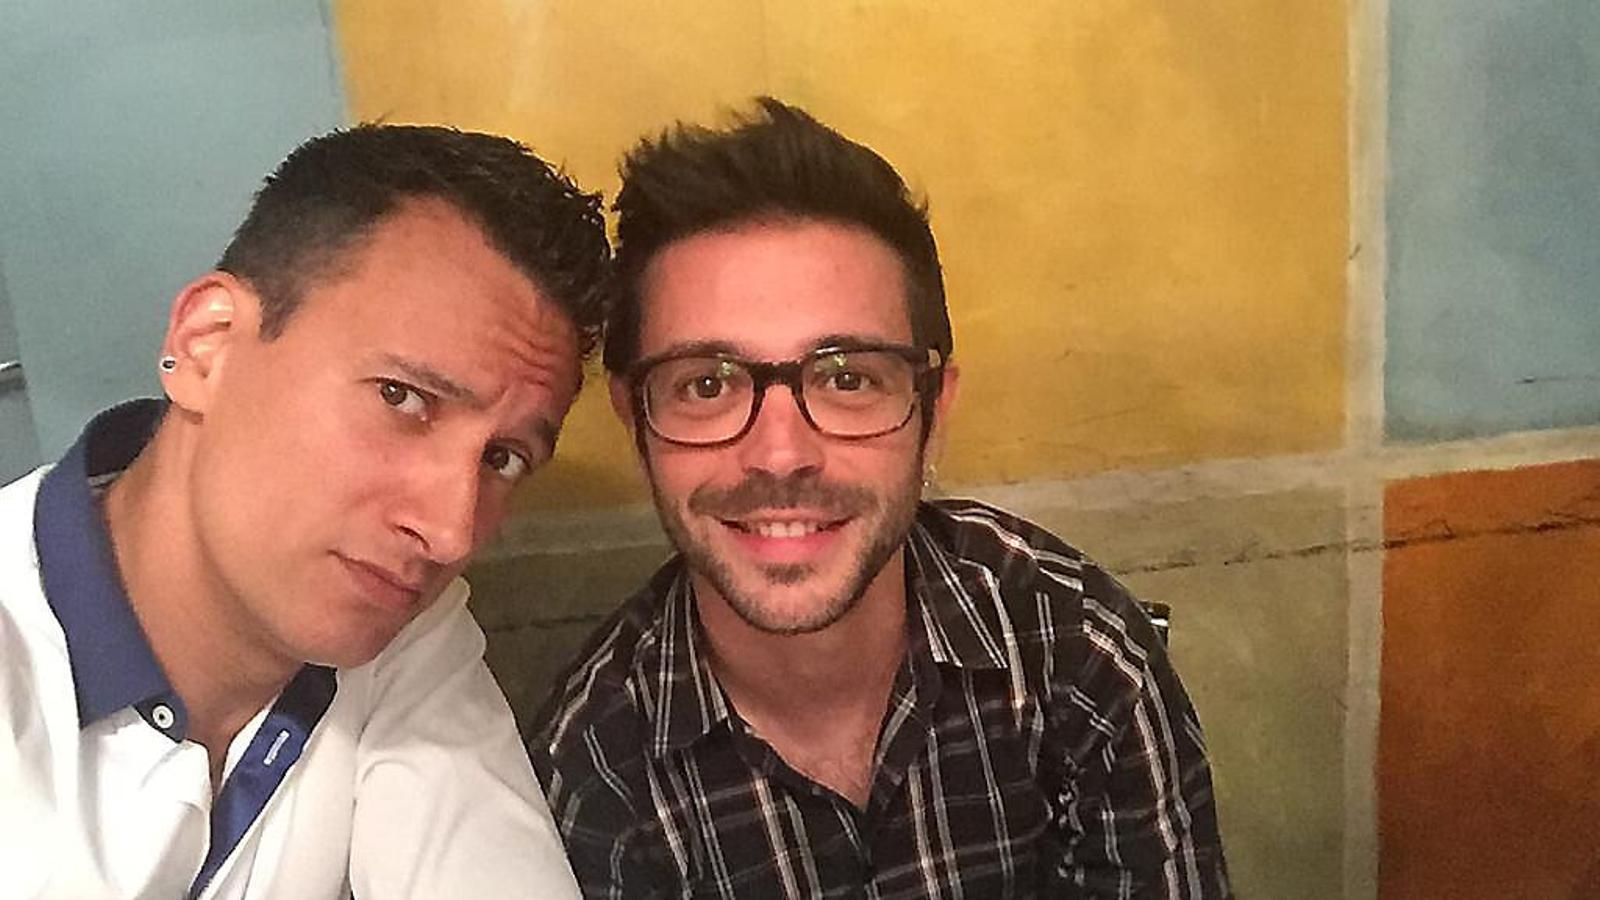 A l'esquerra, Josep Maria Lari (el Mag Lari), i a la dreta, el seu amic i periodista Xavi Canalias.